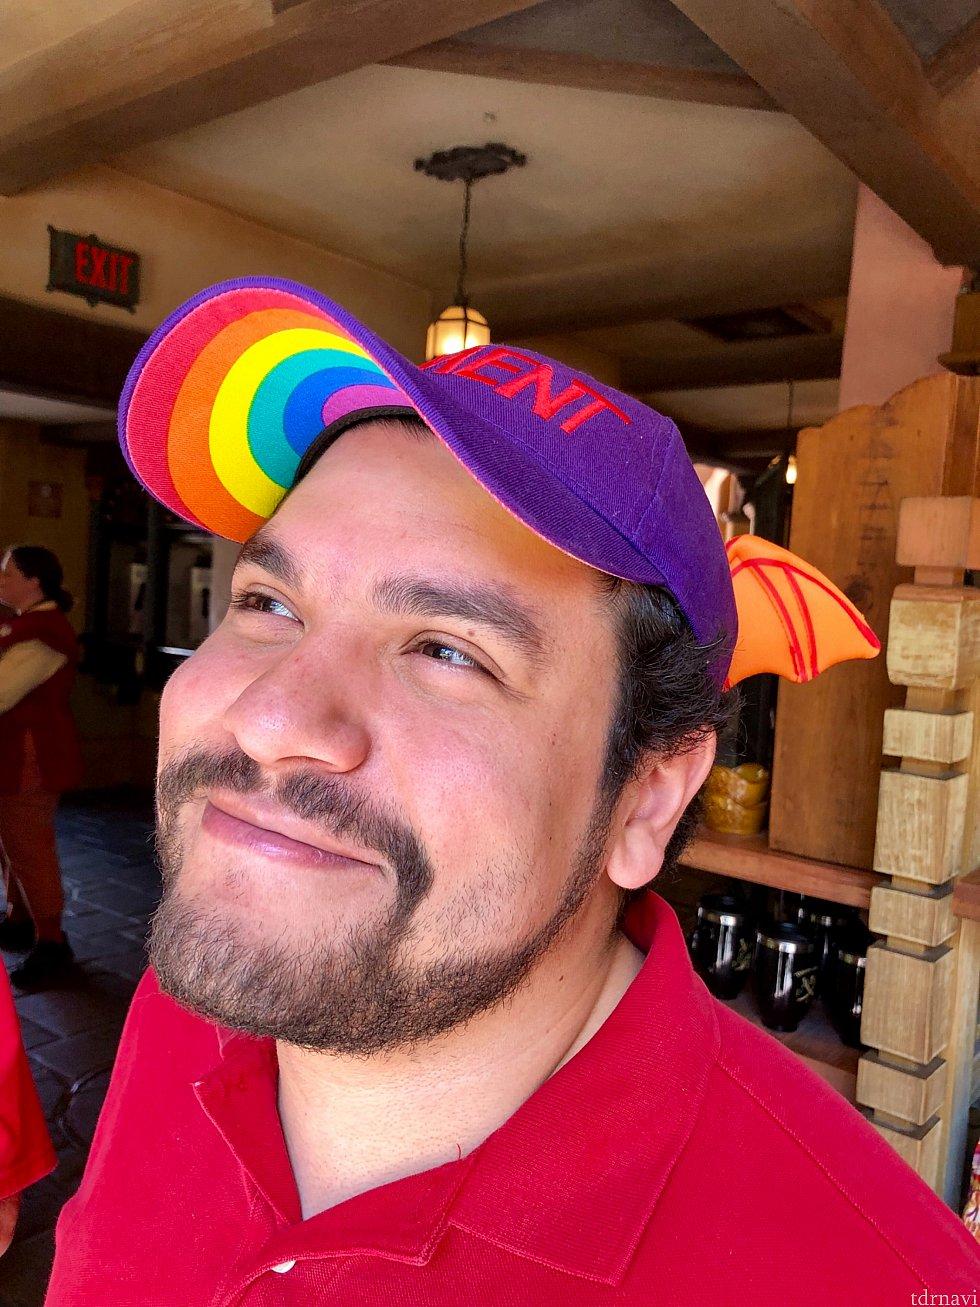 僕の友達の一人が顔出しokと言う事で、出演してもらいました。彼の帽子、なんとフィグメントのキャップで、ツバの下部分がレインボー!これ付けてる人は殆どいませんでした。さすがディズっ子の彼だけあって目の付け所が違います。